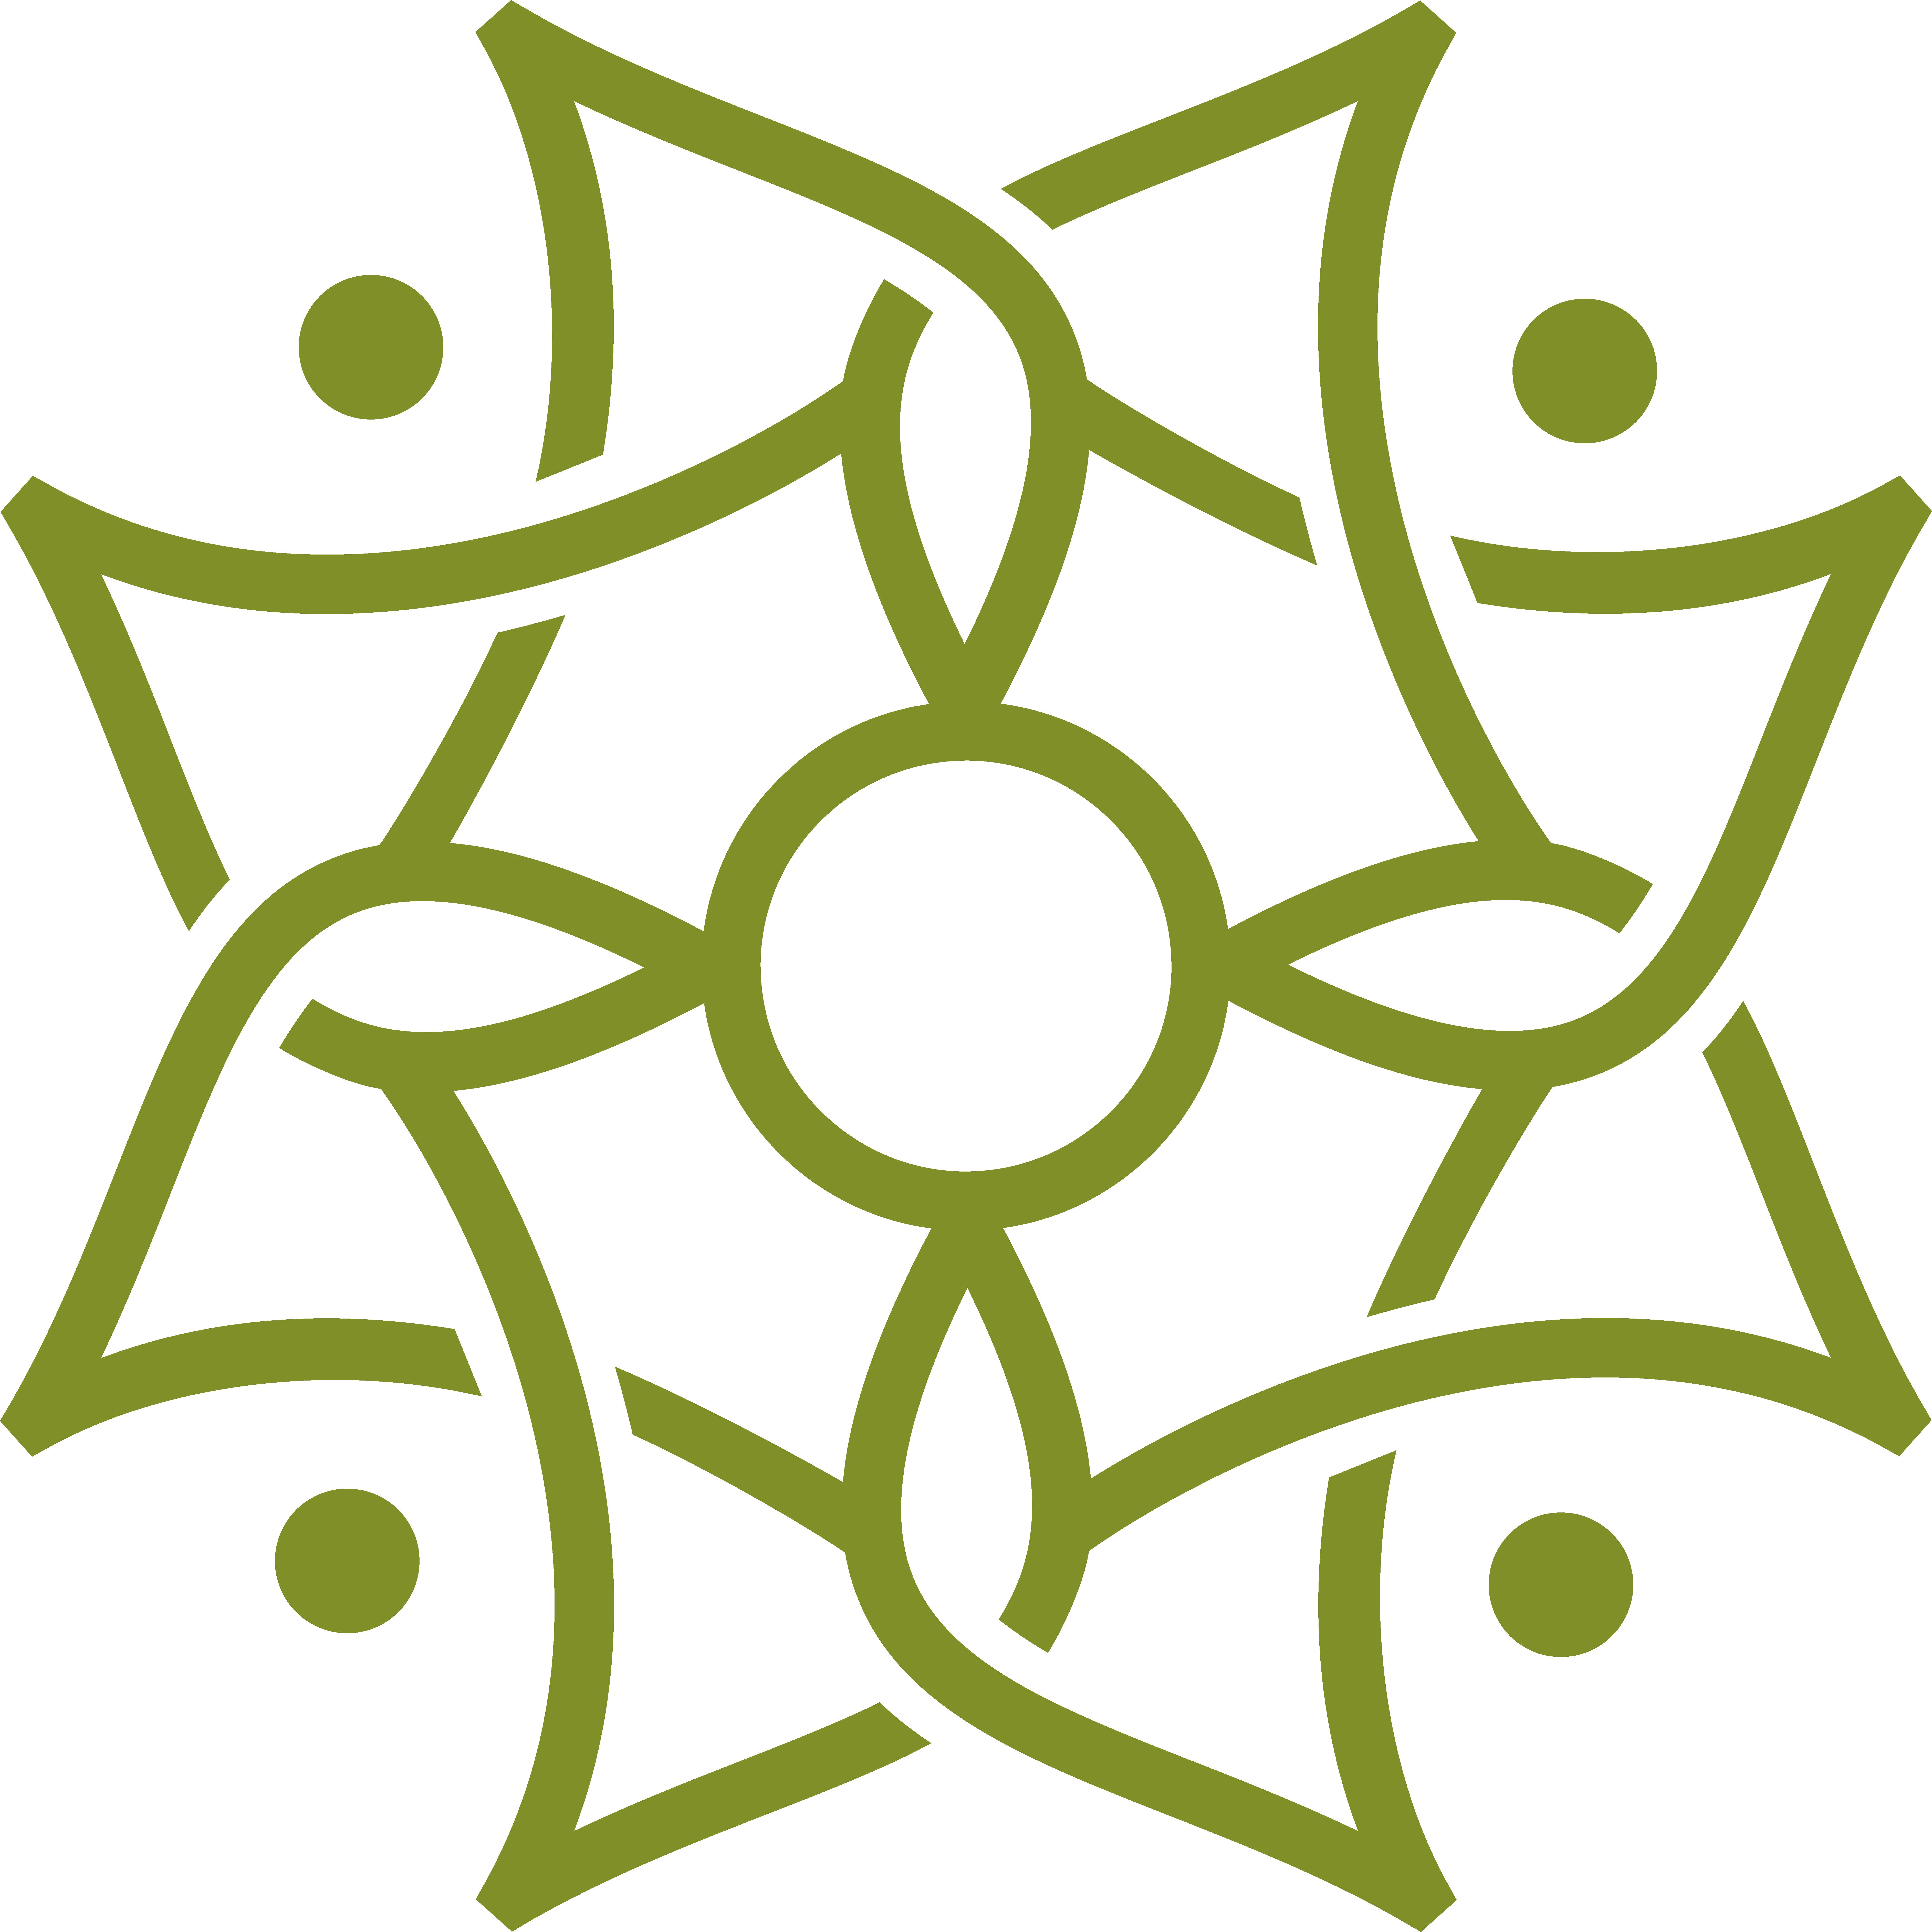 Jungingenieurin sucht modernes Heilpraktiker-Logo für gelungenen Jobwechsel